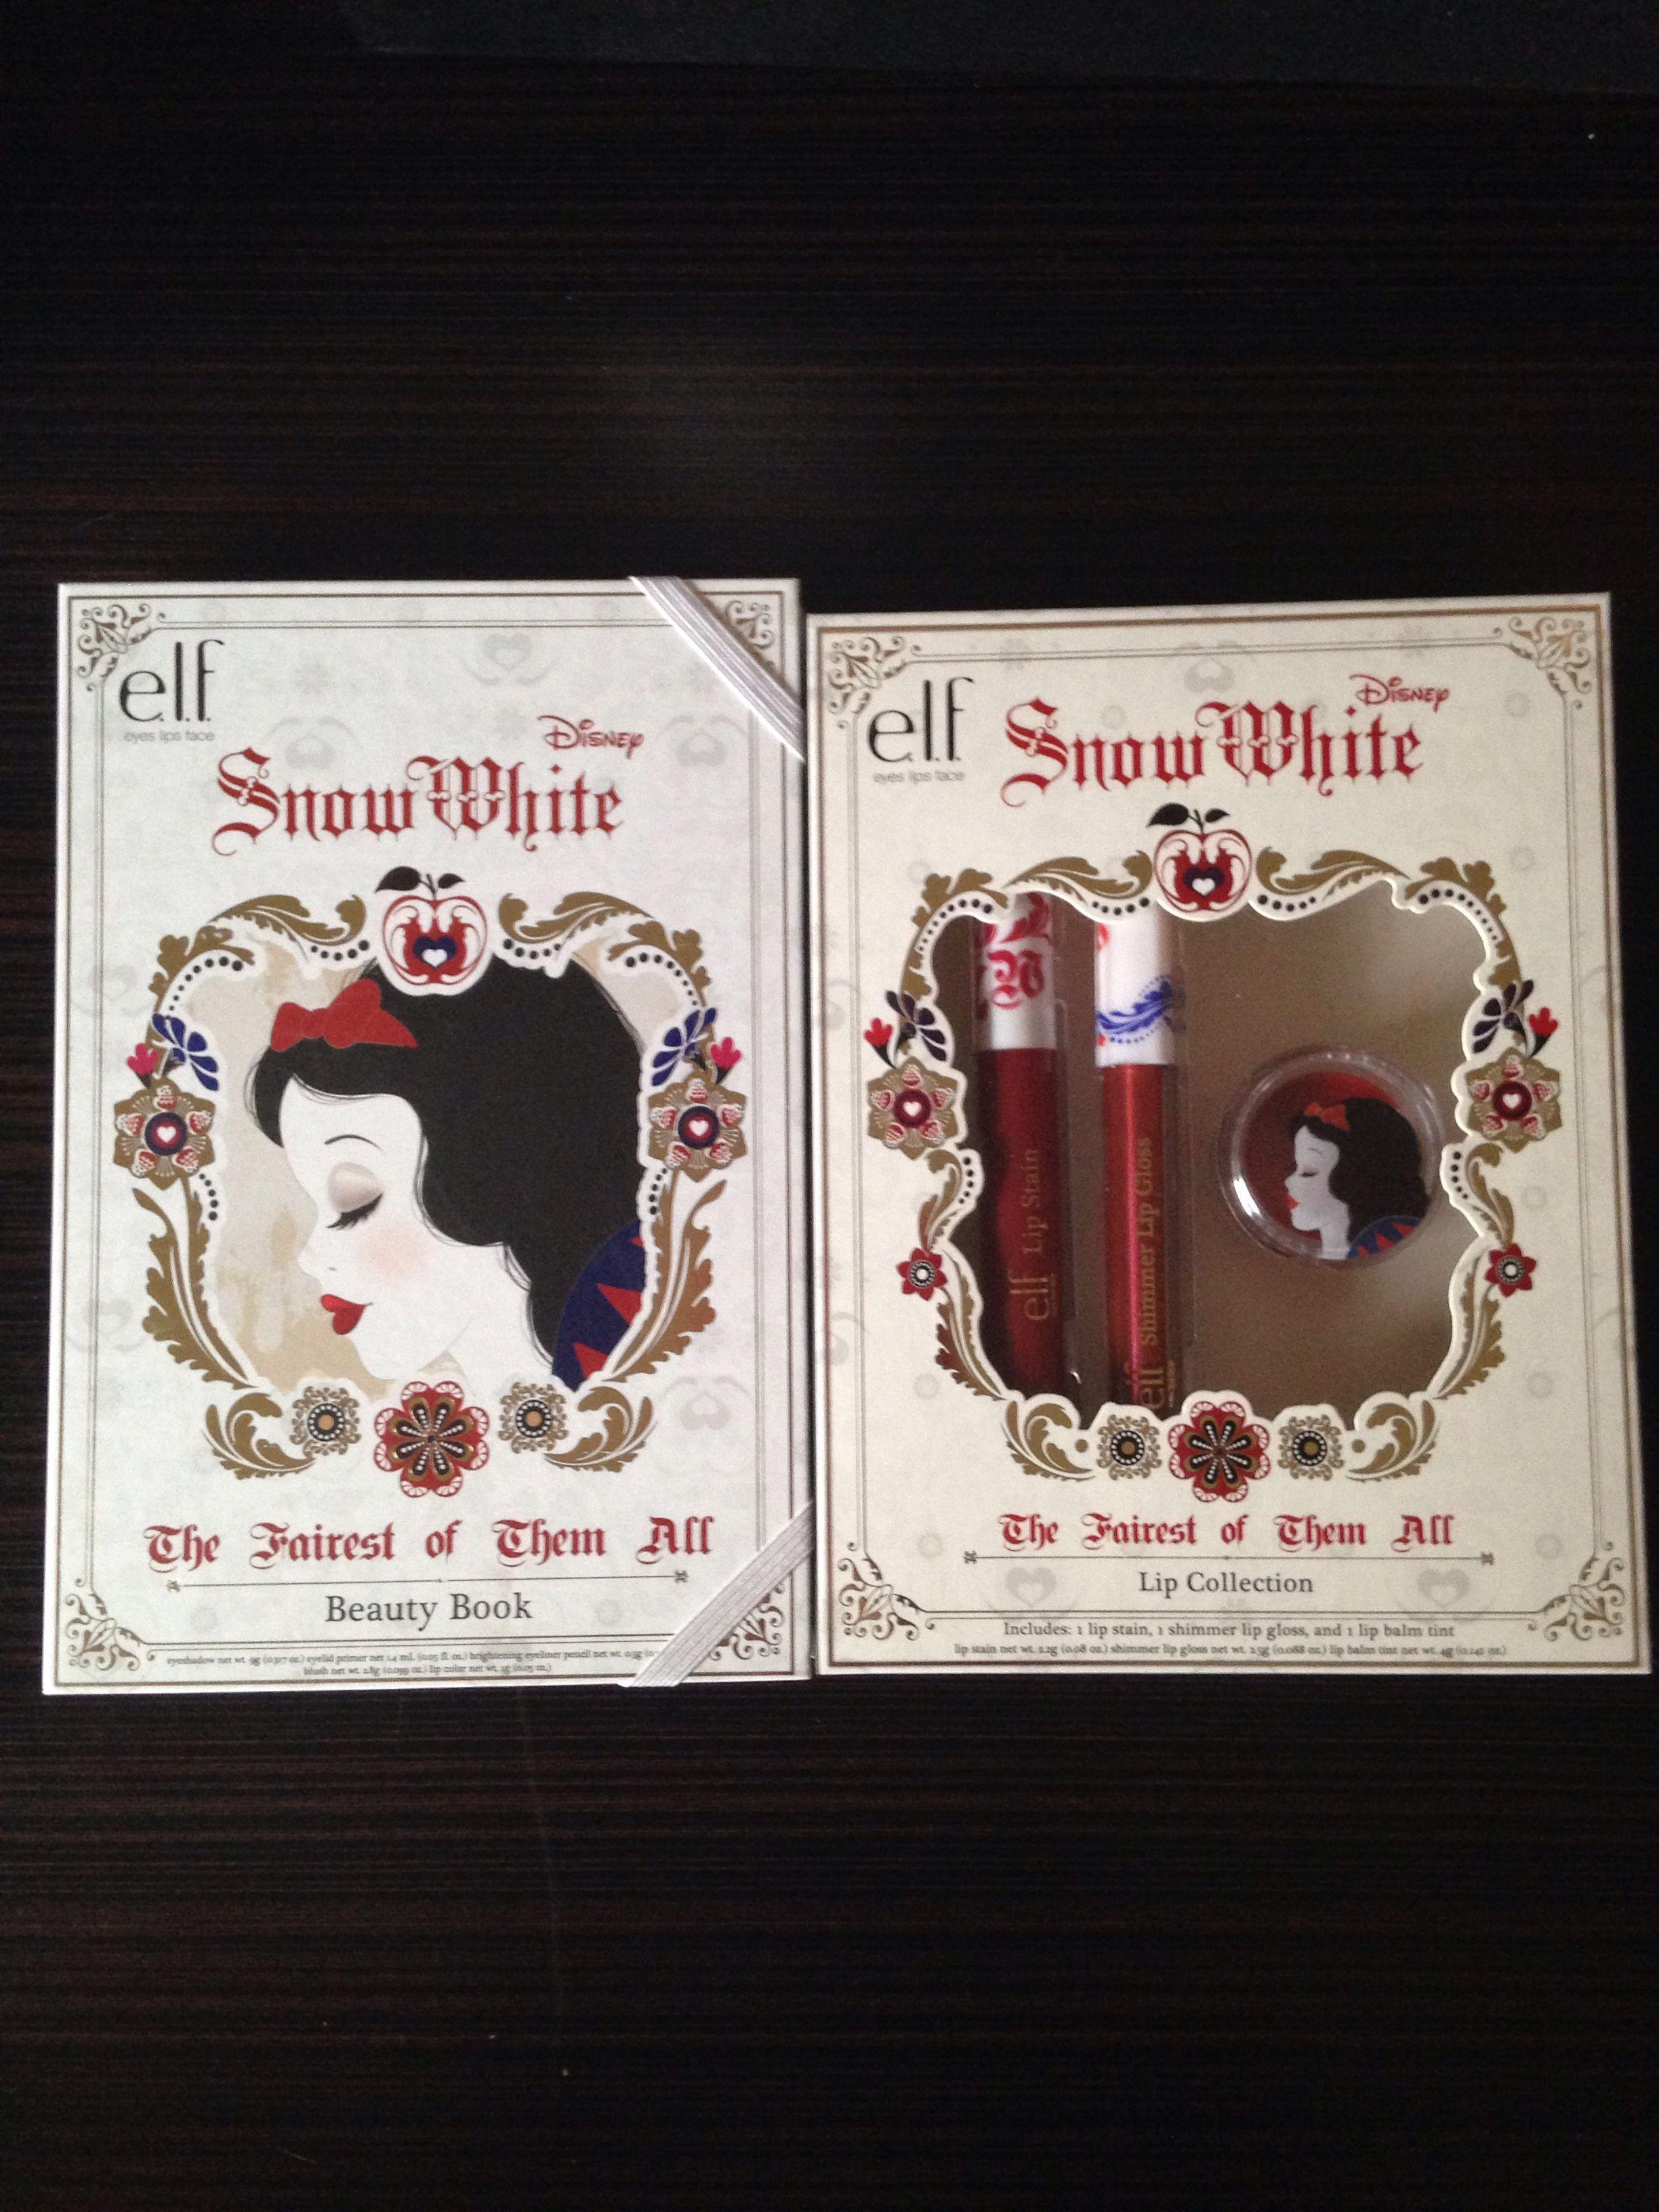 E.l.f. Disney's Snow White Collection